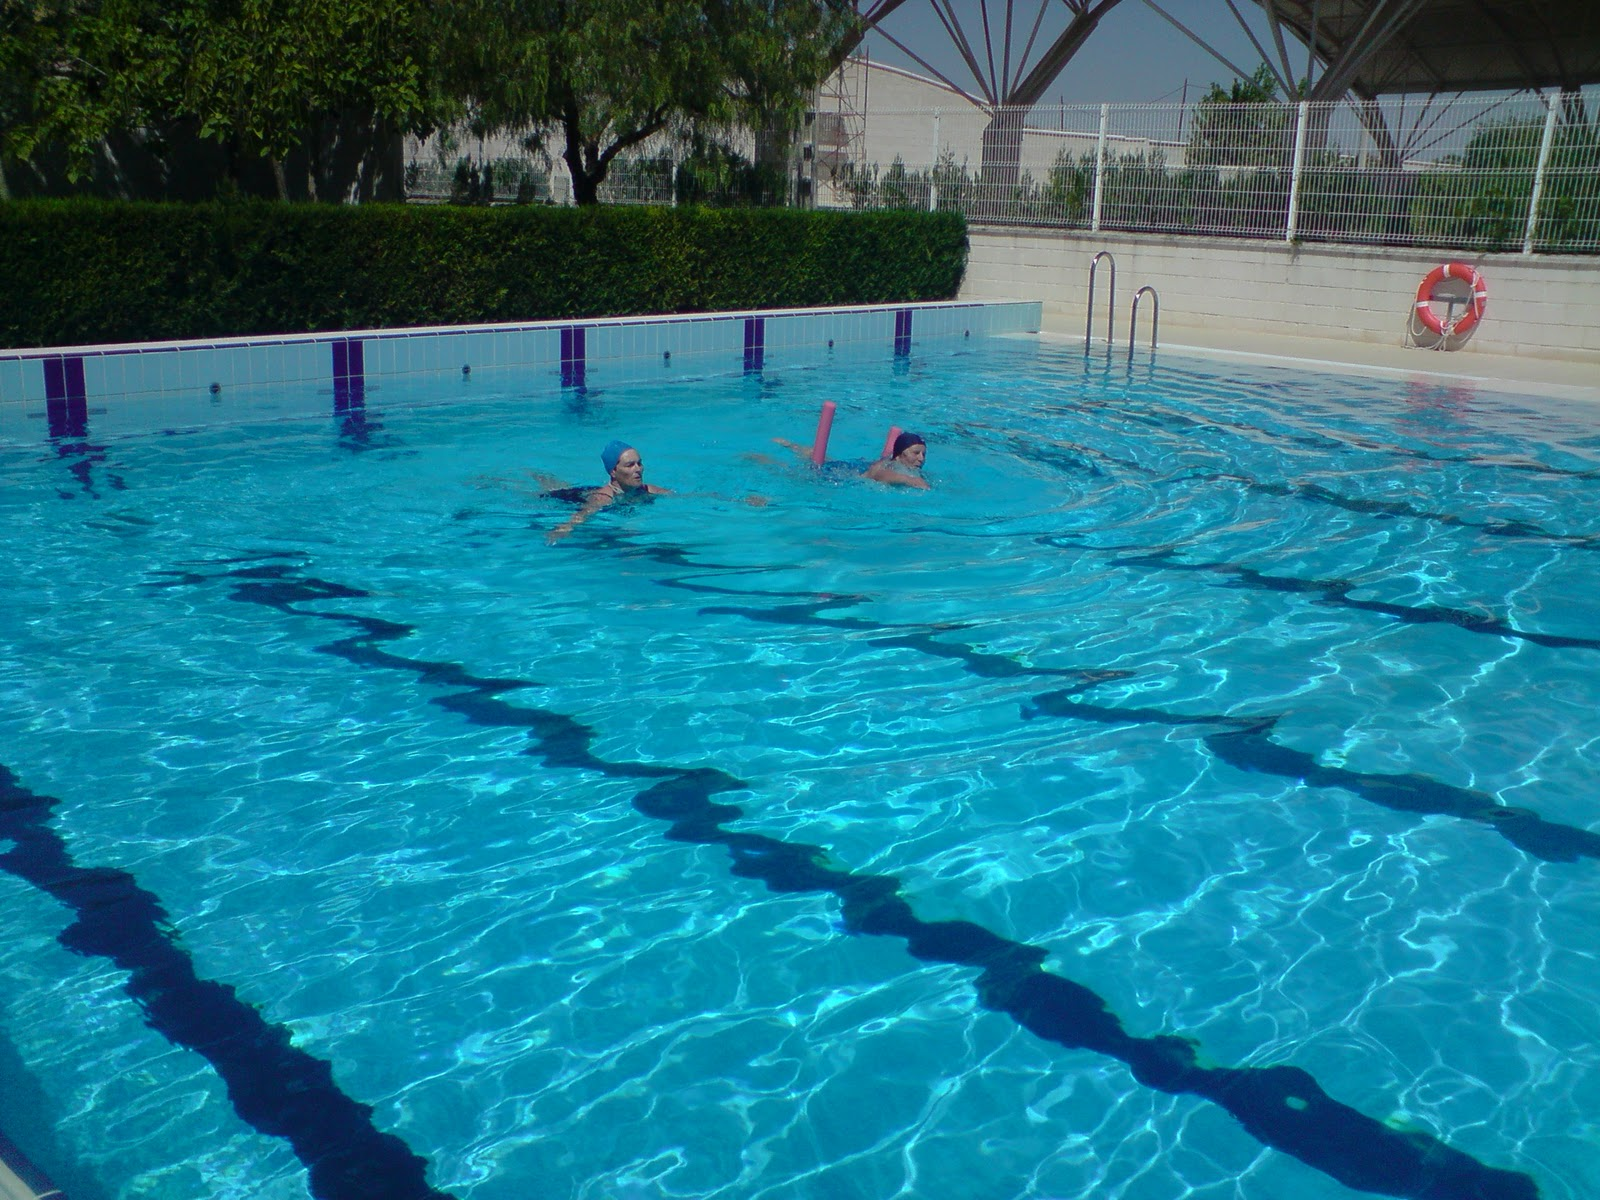 E l a isla redonda la ace uela piscina municipal - Piscinas 7 islas ...